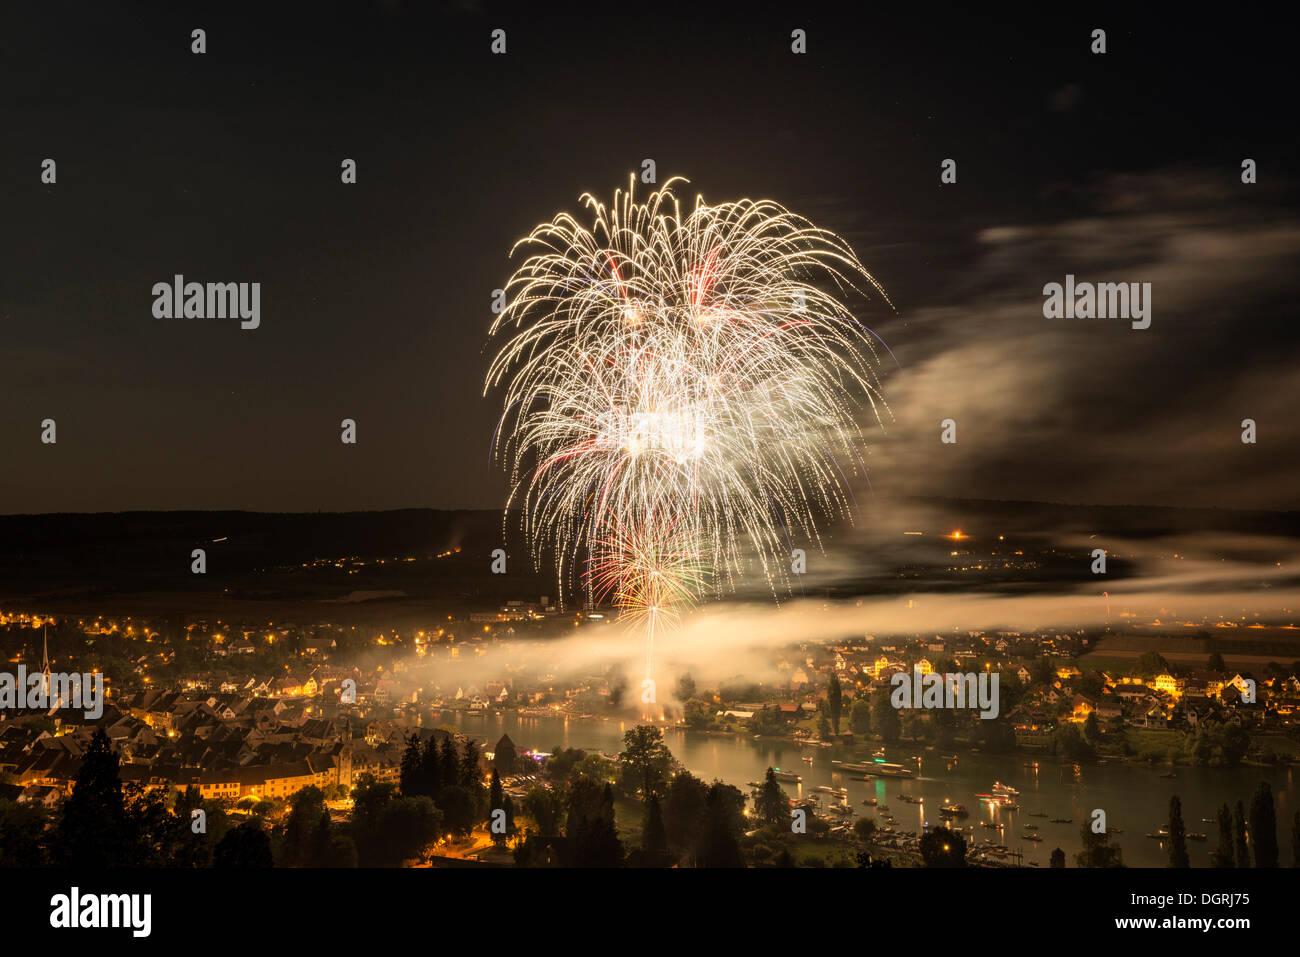 Fireworks over Stein am Rhein, Swiss National Day on 1st August, canton of Schaffhausen, Switzerland, Europe - Stock Image